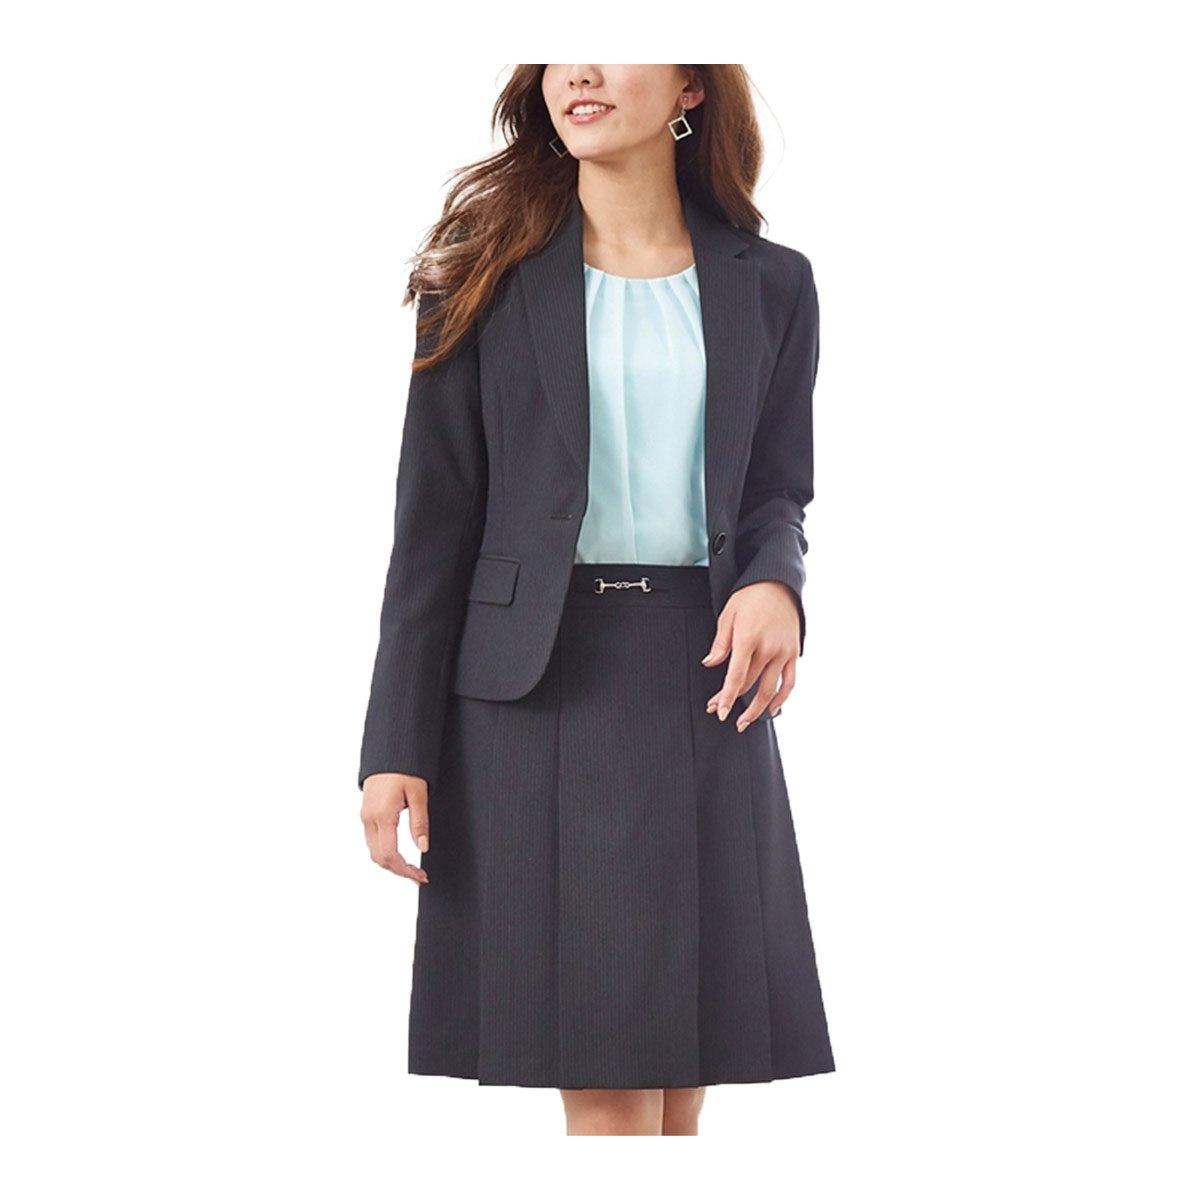 (ニッセン) nissen スーツ 上下 セットアップ ジャケット スカート 洗える オフィス ビジネス レディース B077TKH8K8 15号|黒 × ブルーストライプ 黒 × ブルーストライプ 15号